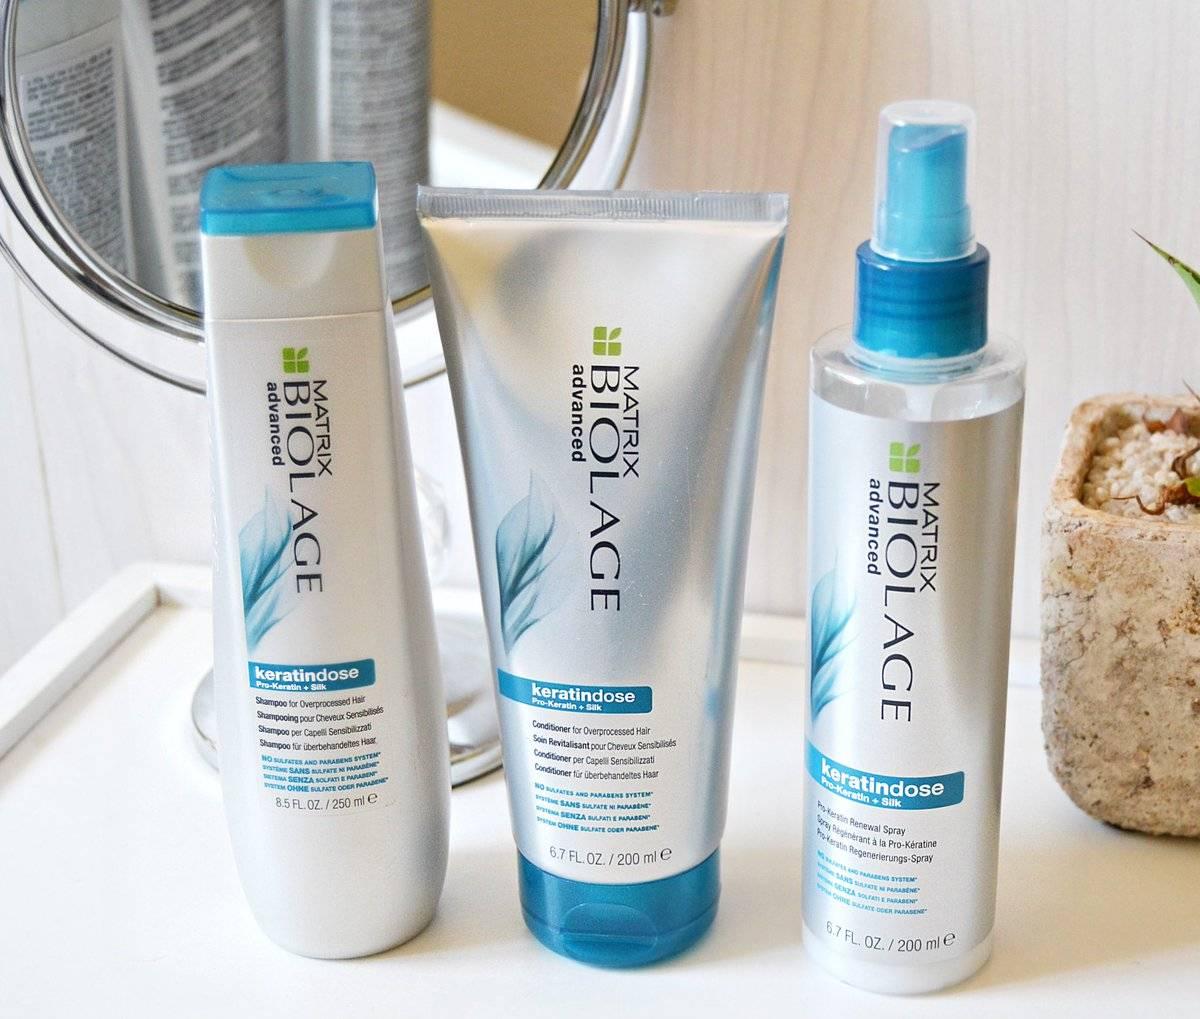 Уход за очень сухими волосами. как восстановить сухие, поврежденные волосы? маски, увлажняющие средства, питание и витамины для сухих волос. какие процедуры можно сделать в салоне